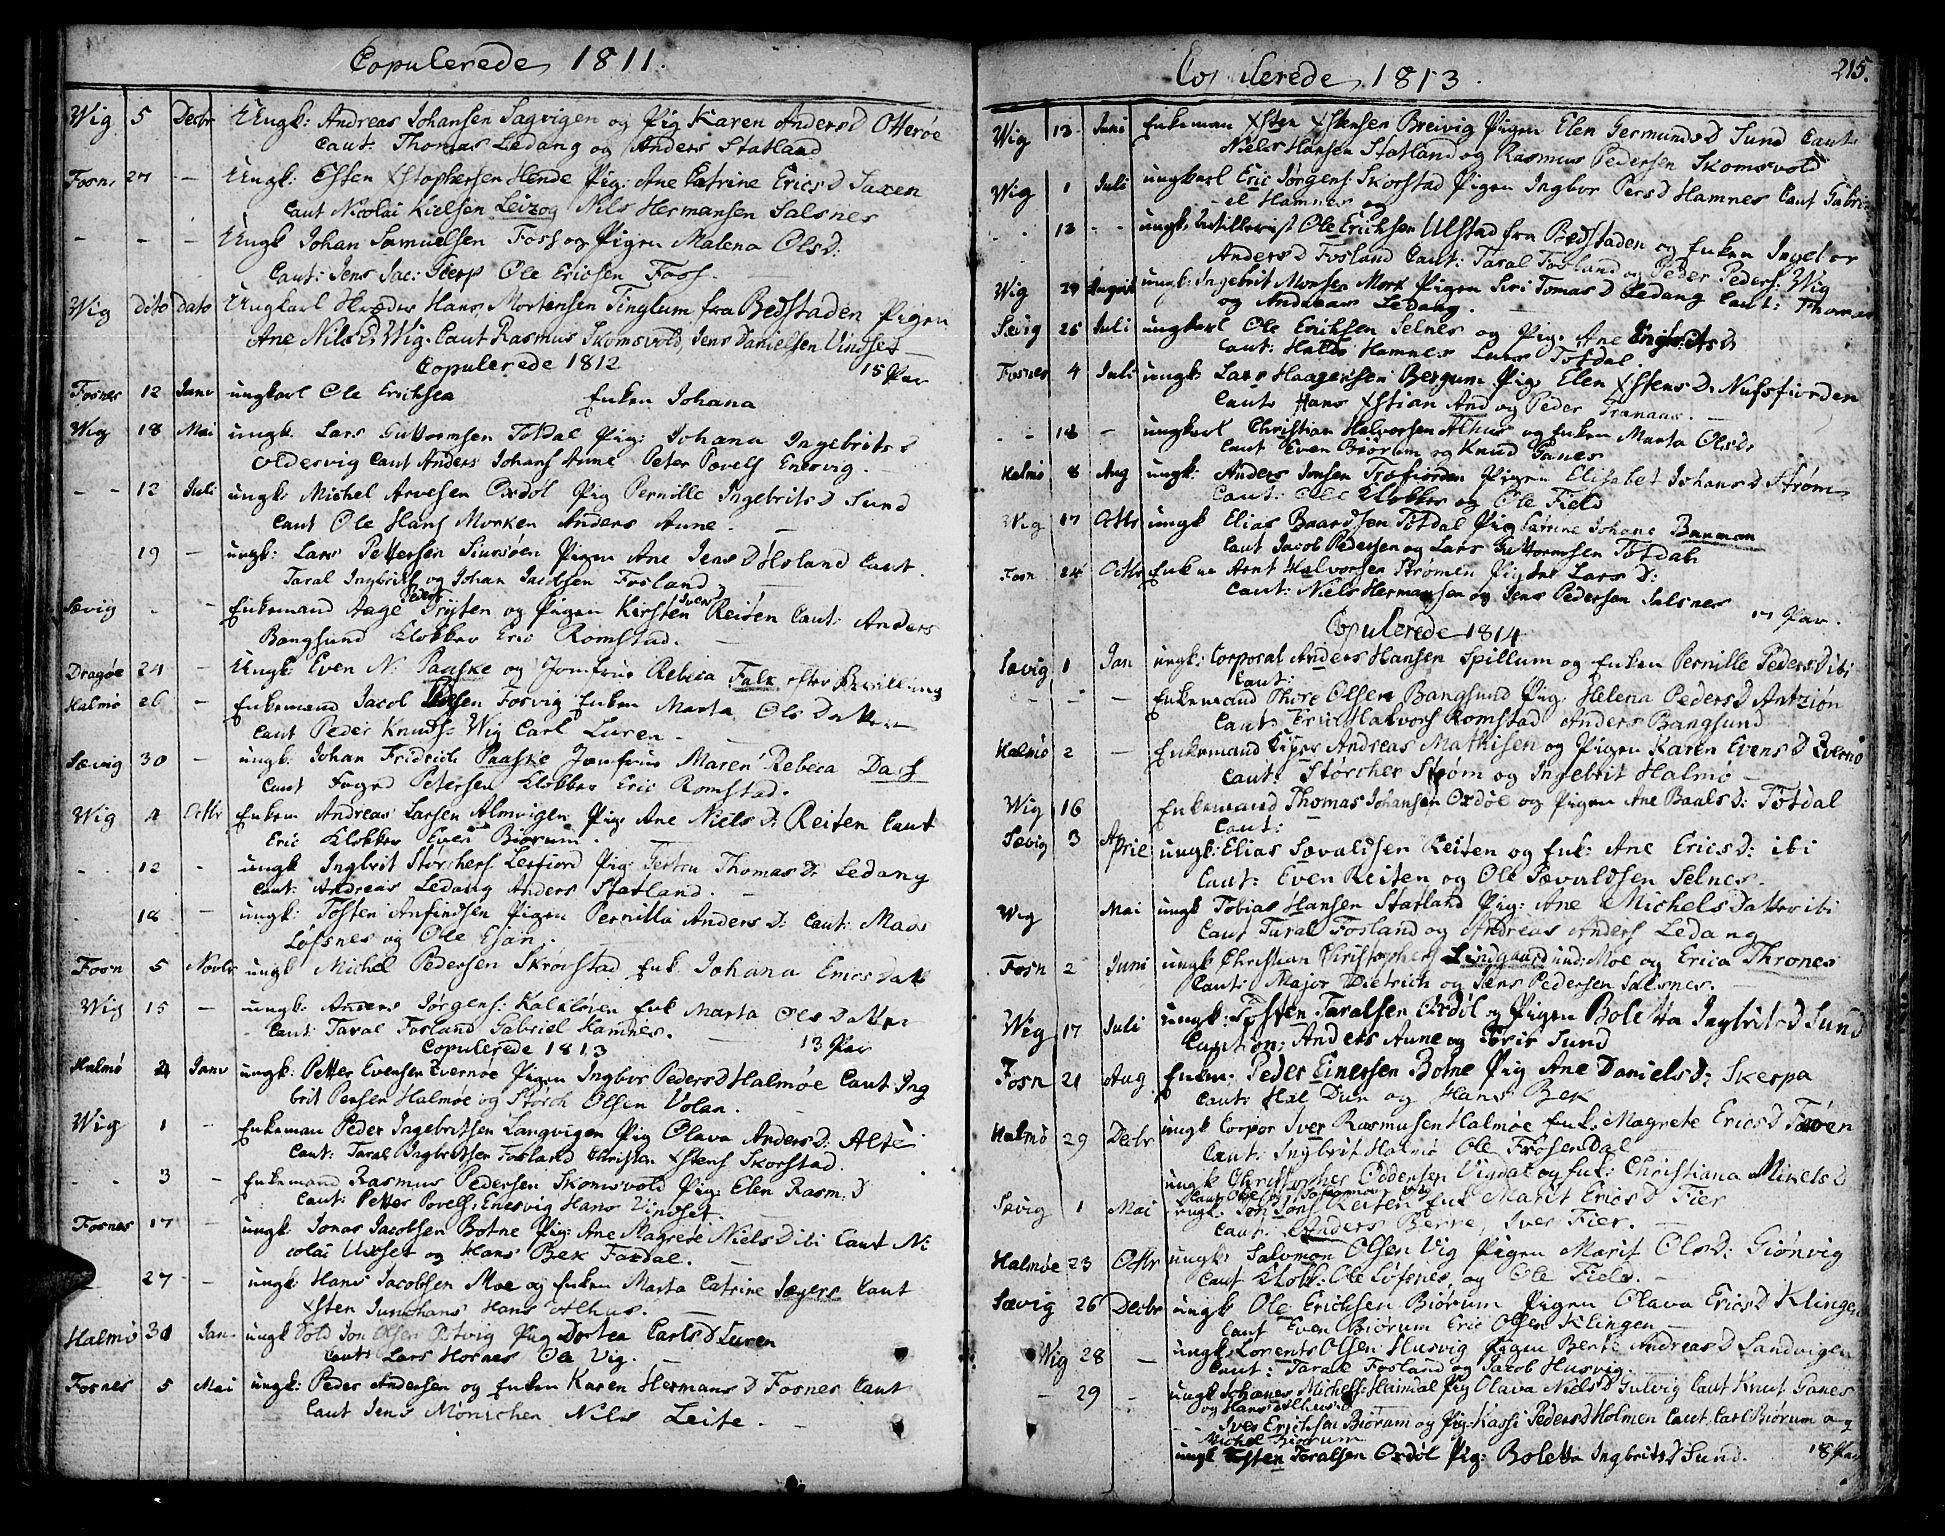 SAT, Ministerialprotokoller, klokkerbøker og fødselsregistre - Nord-Trøndelag, 773/L0608: Ministerialbok nr. 773A02, 1784-1816, s. 215